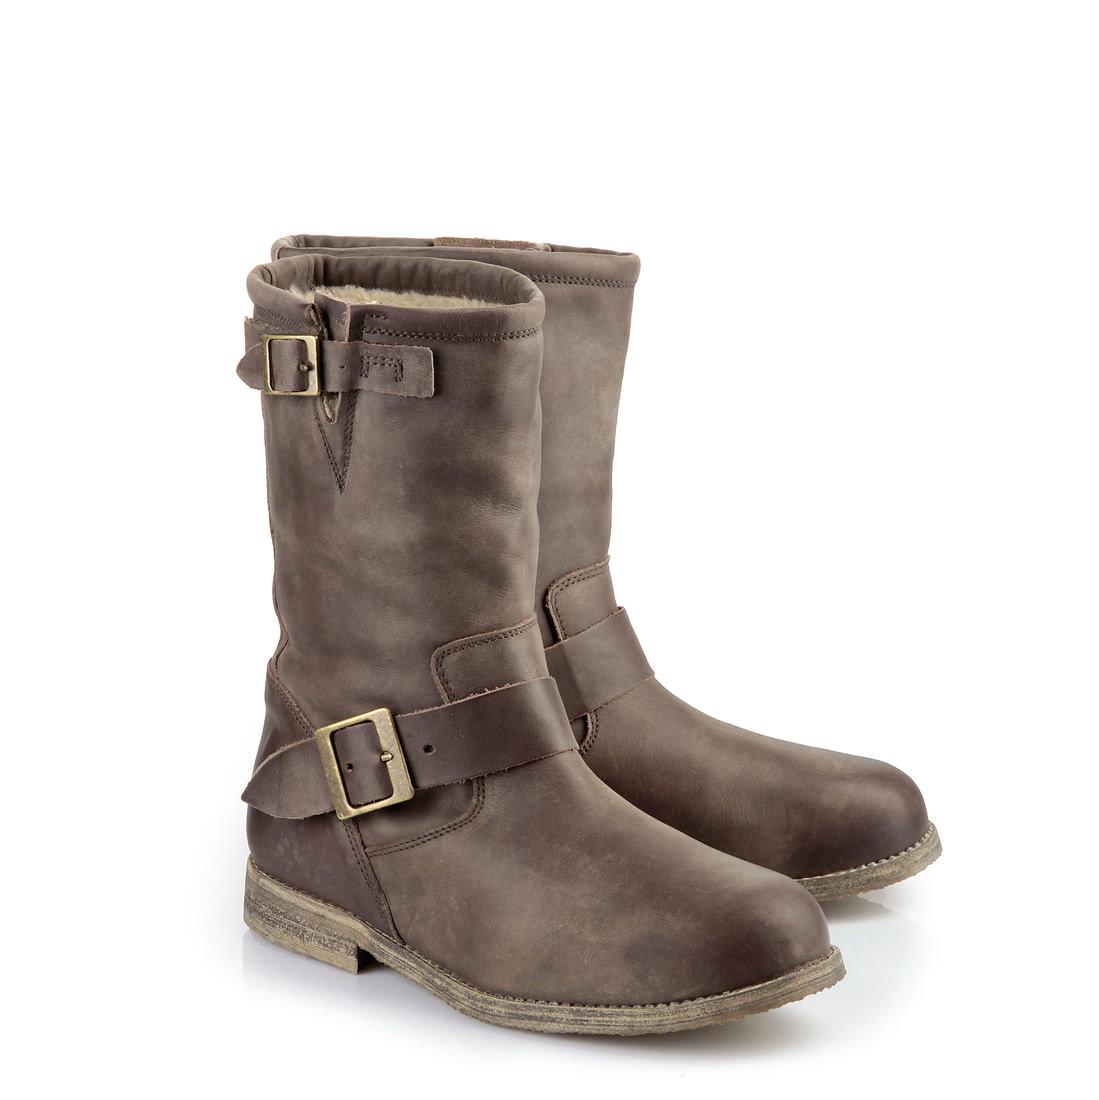 8aeaf3ad2ff4 Buffalo Biker-Boots in braun mit Schnallen online kaufen   BUFFALO®